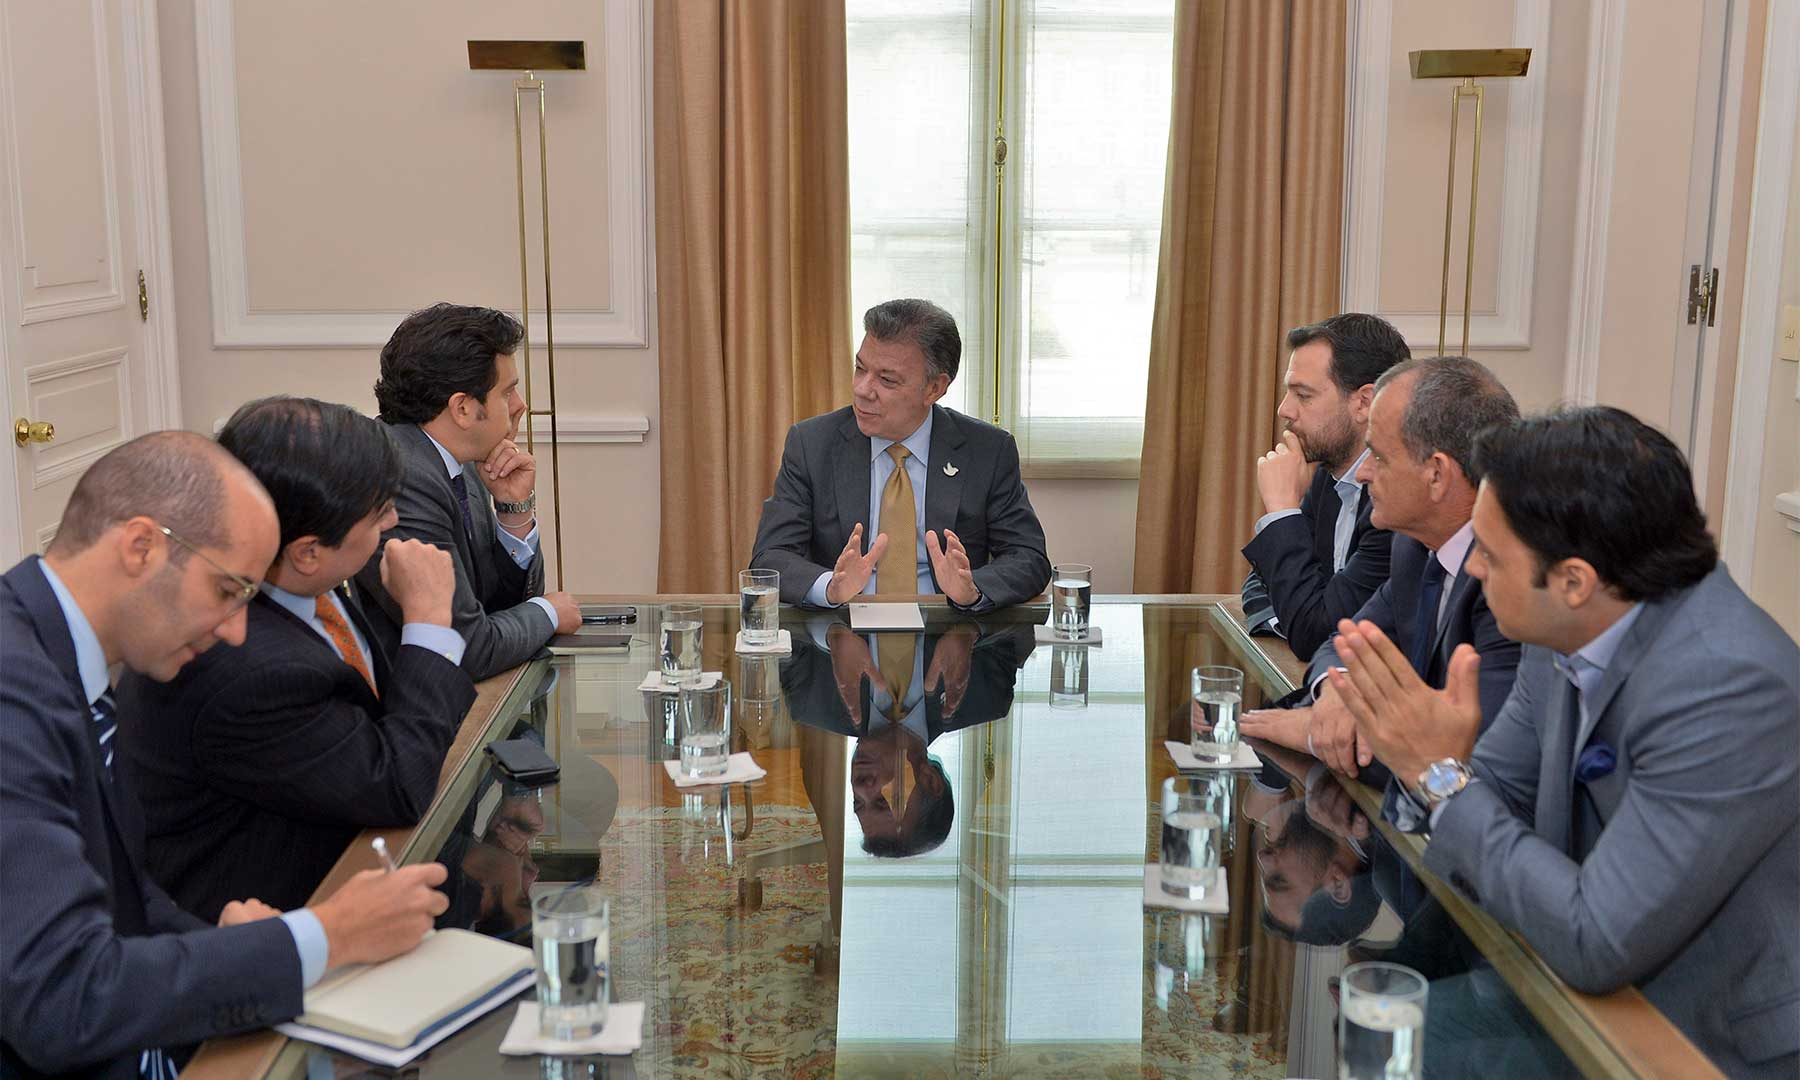 En la tarde de este jueves el Presidente Juan Manuel Santos se reunió con los dirigentes del Partido Cambio Radical, colectividad que ratificó su apoyo al sí en el plebiscito y a la implementación de los acuerdos de La Habana.